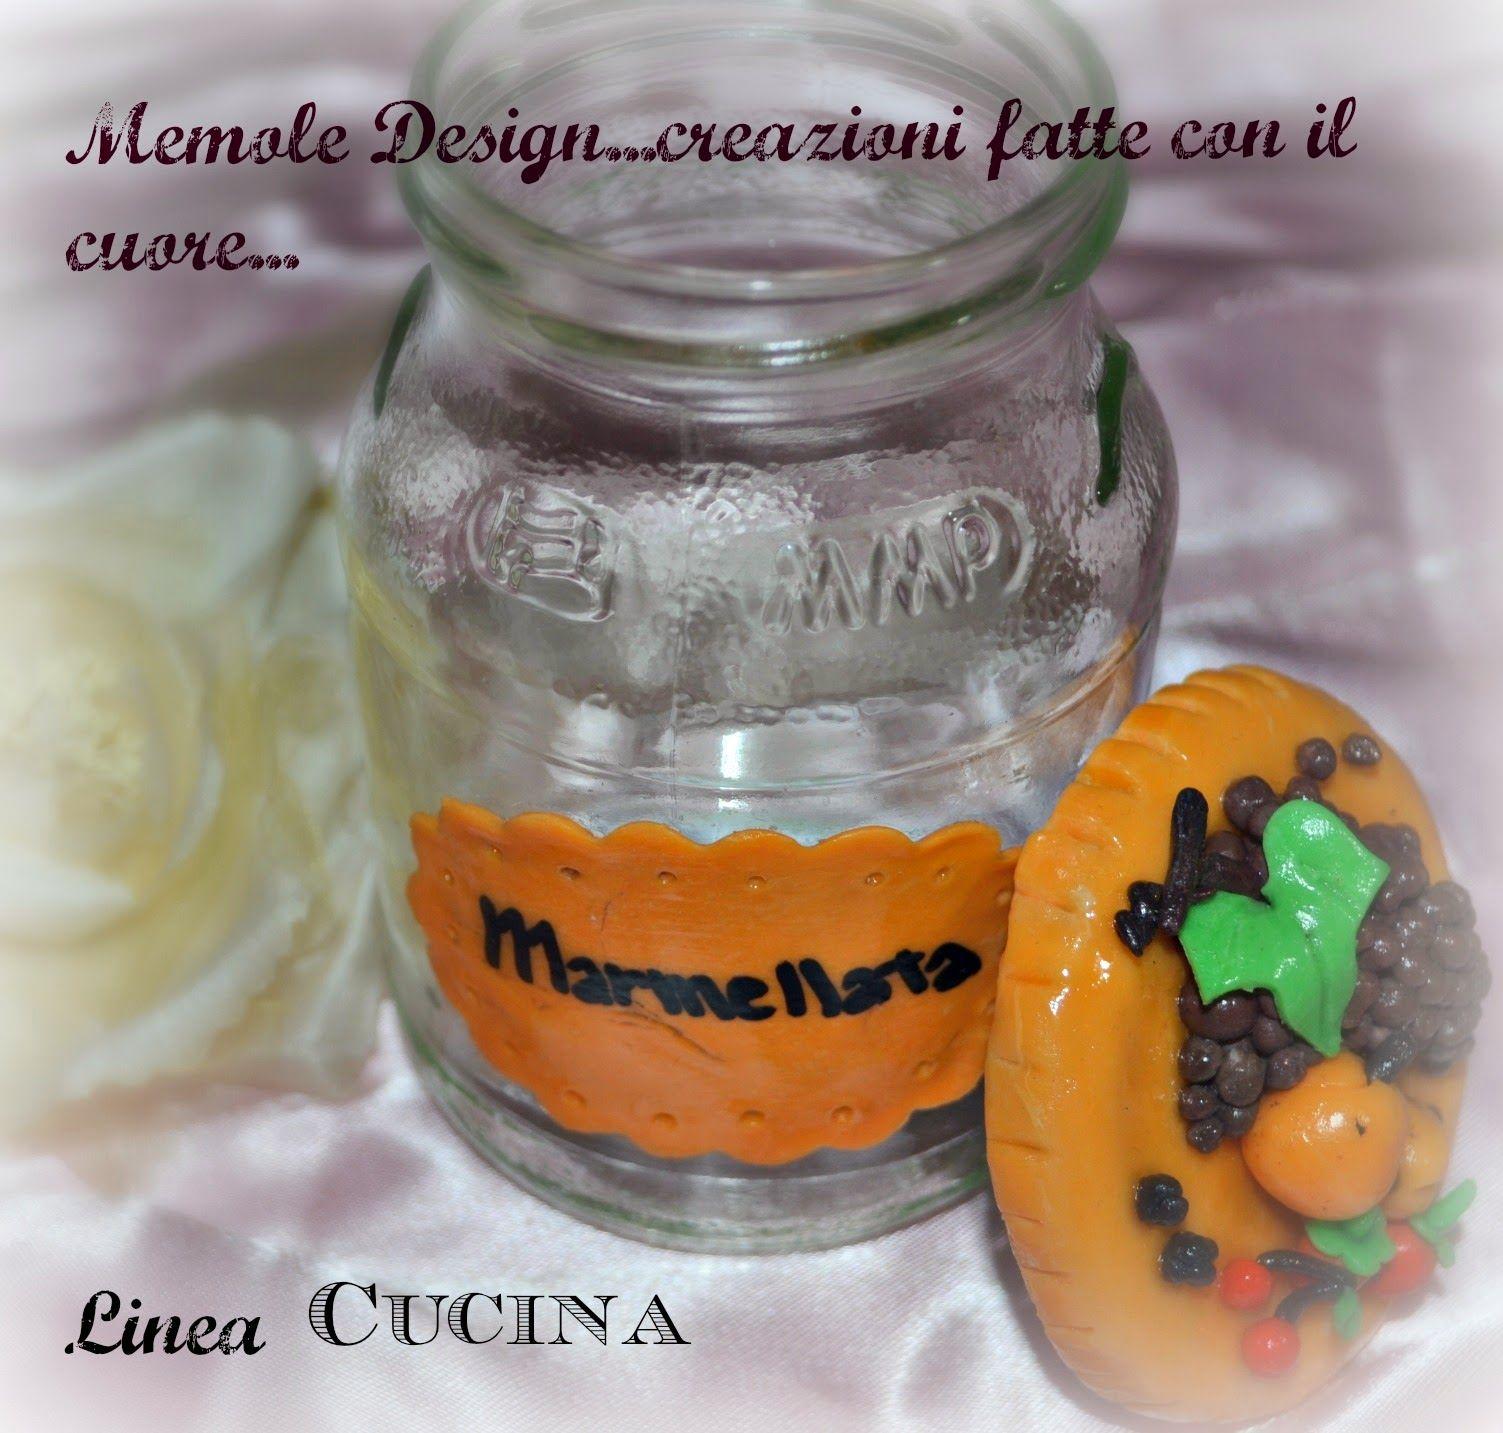 Memole Design....creazioni fatte con il cuore: Barattolo marmellata in porcellana fredda